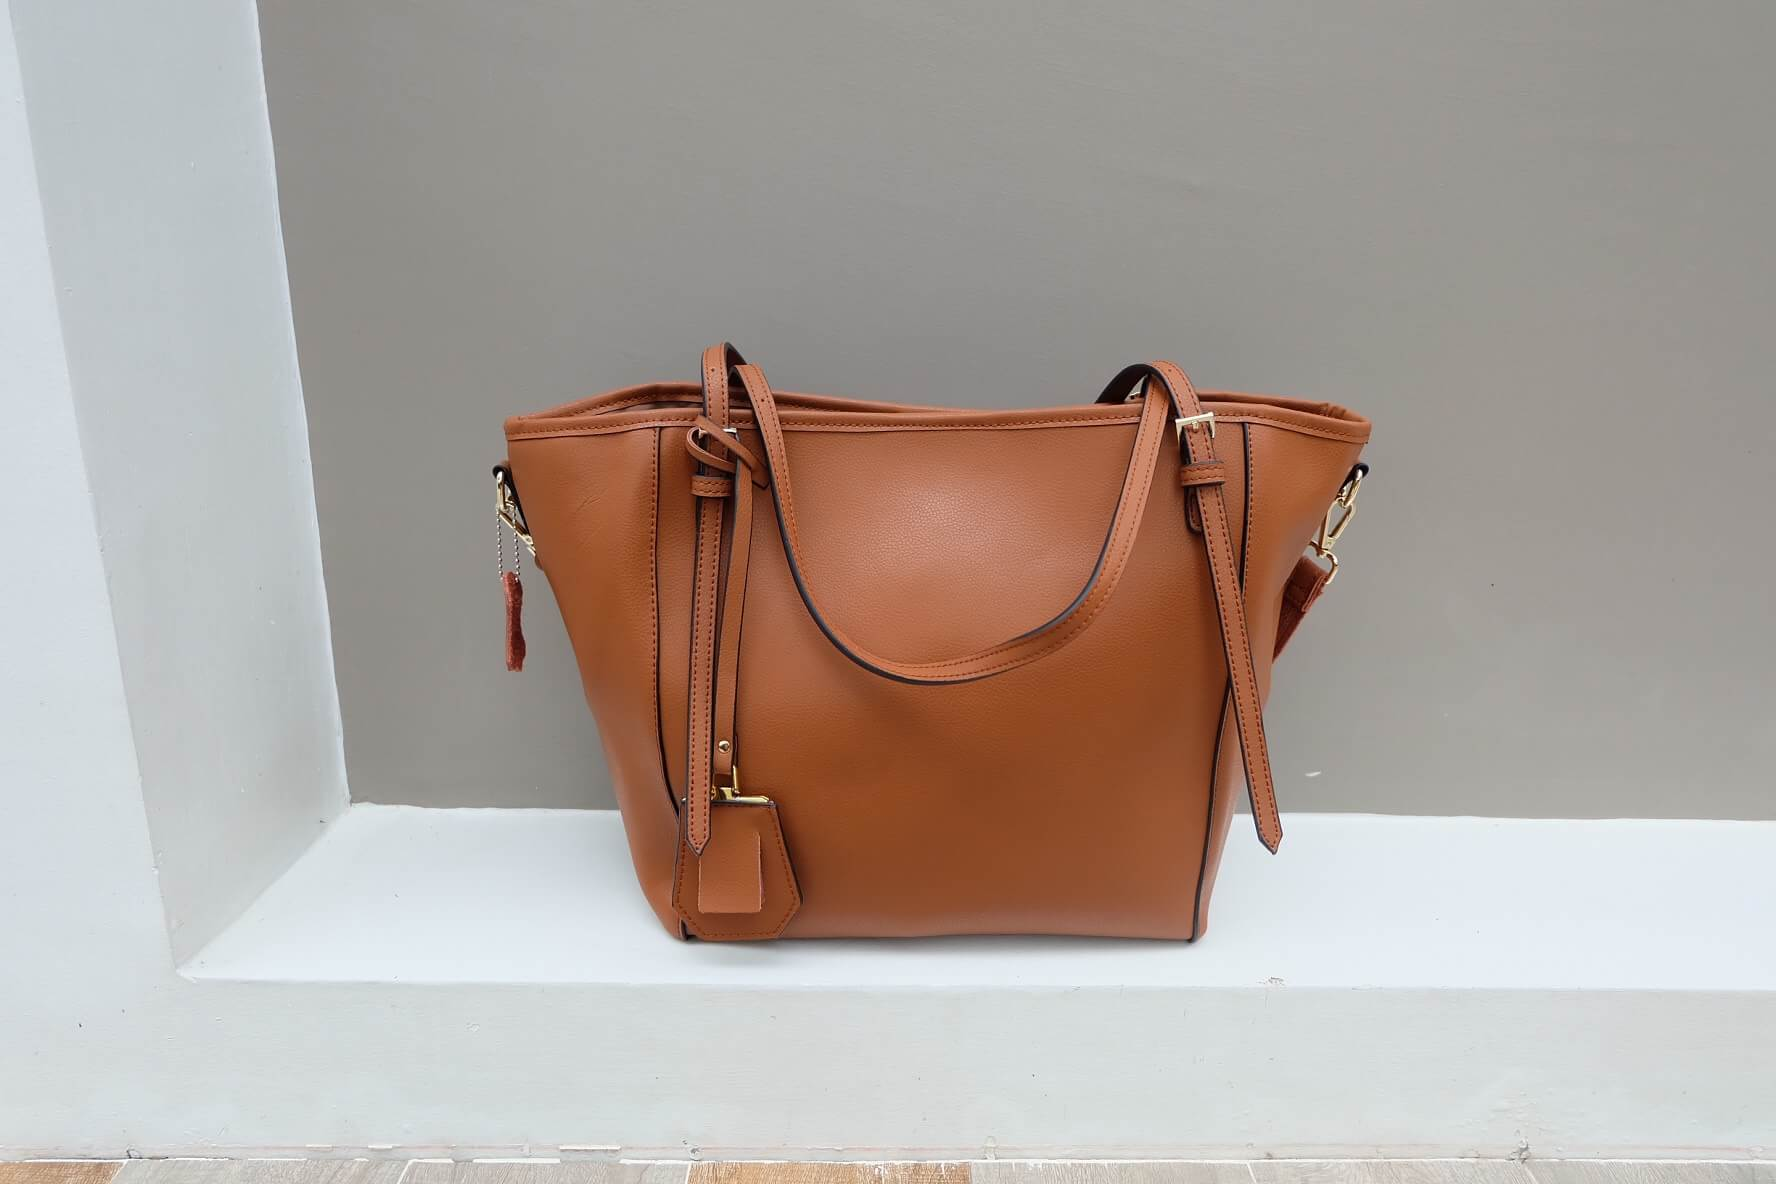 กระเป๋า Amory Leather Everyday Tote Bag สีน้ำตาล กระเป๋าหนังแท้ทั้งใบ 100%